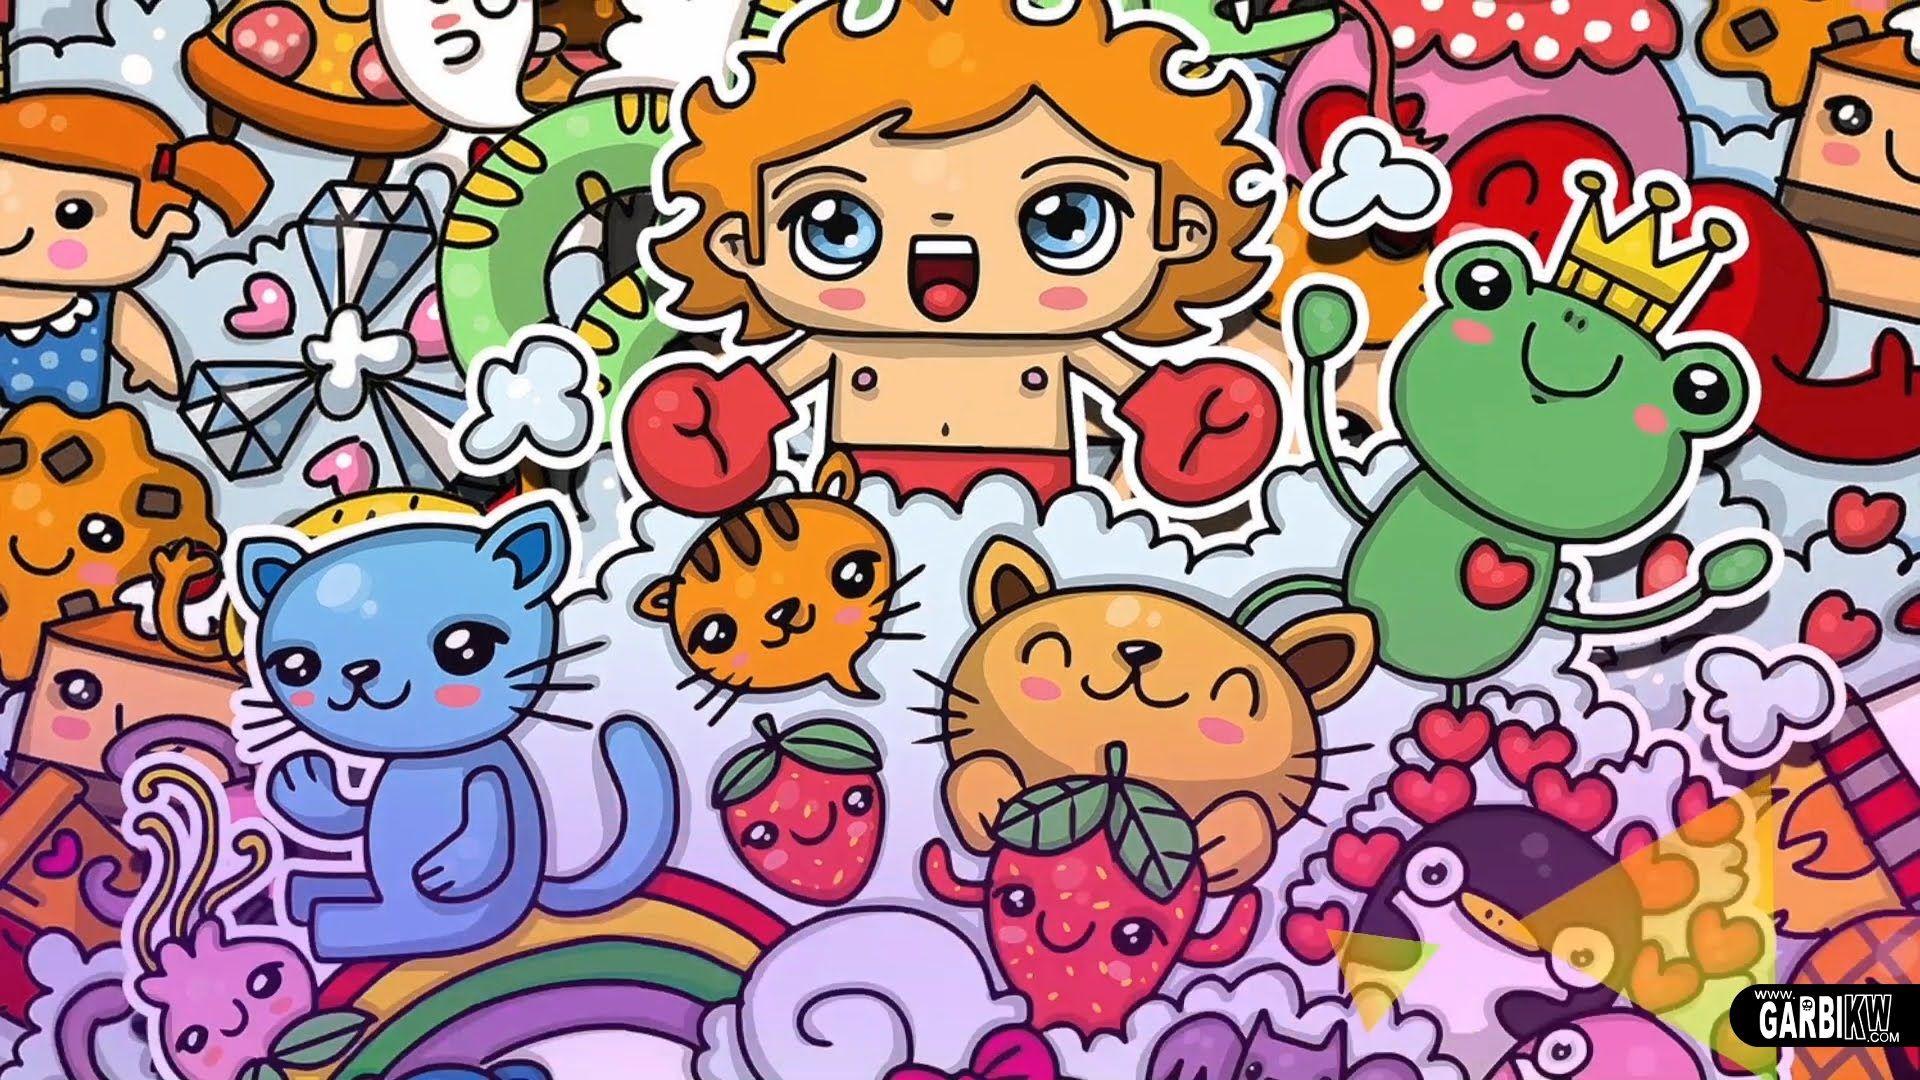 Amigurumi Doodles , Kawaii Graffiti , Digital Drawings by Garbi KW